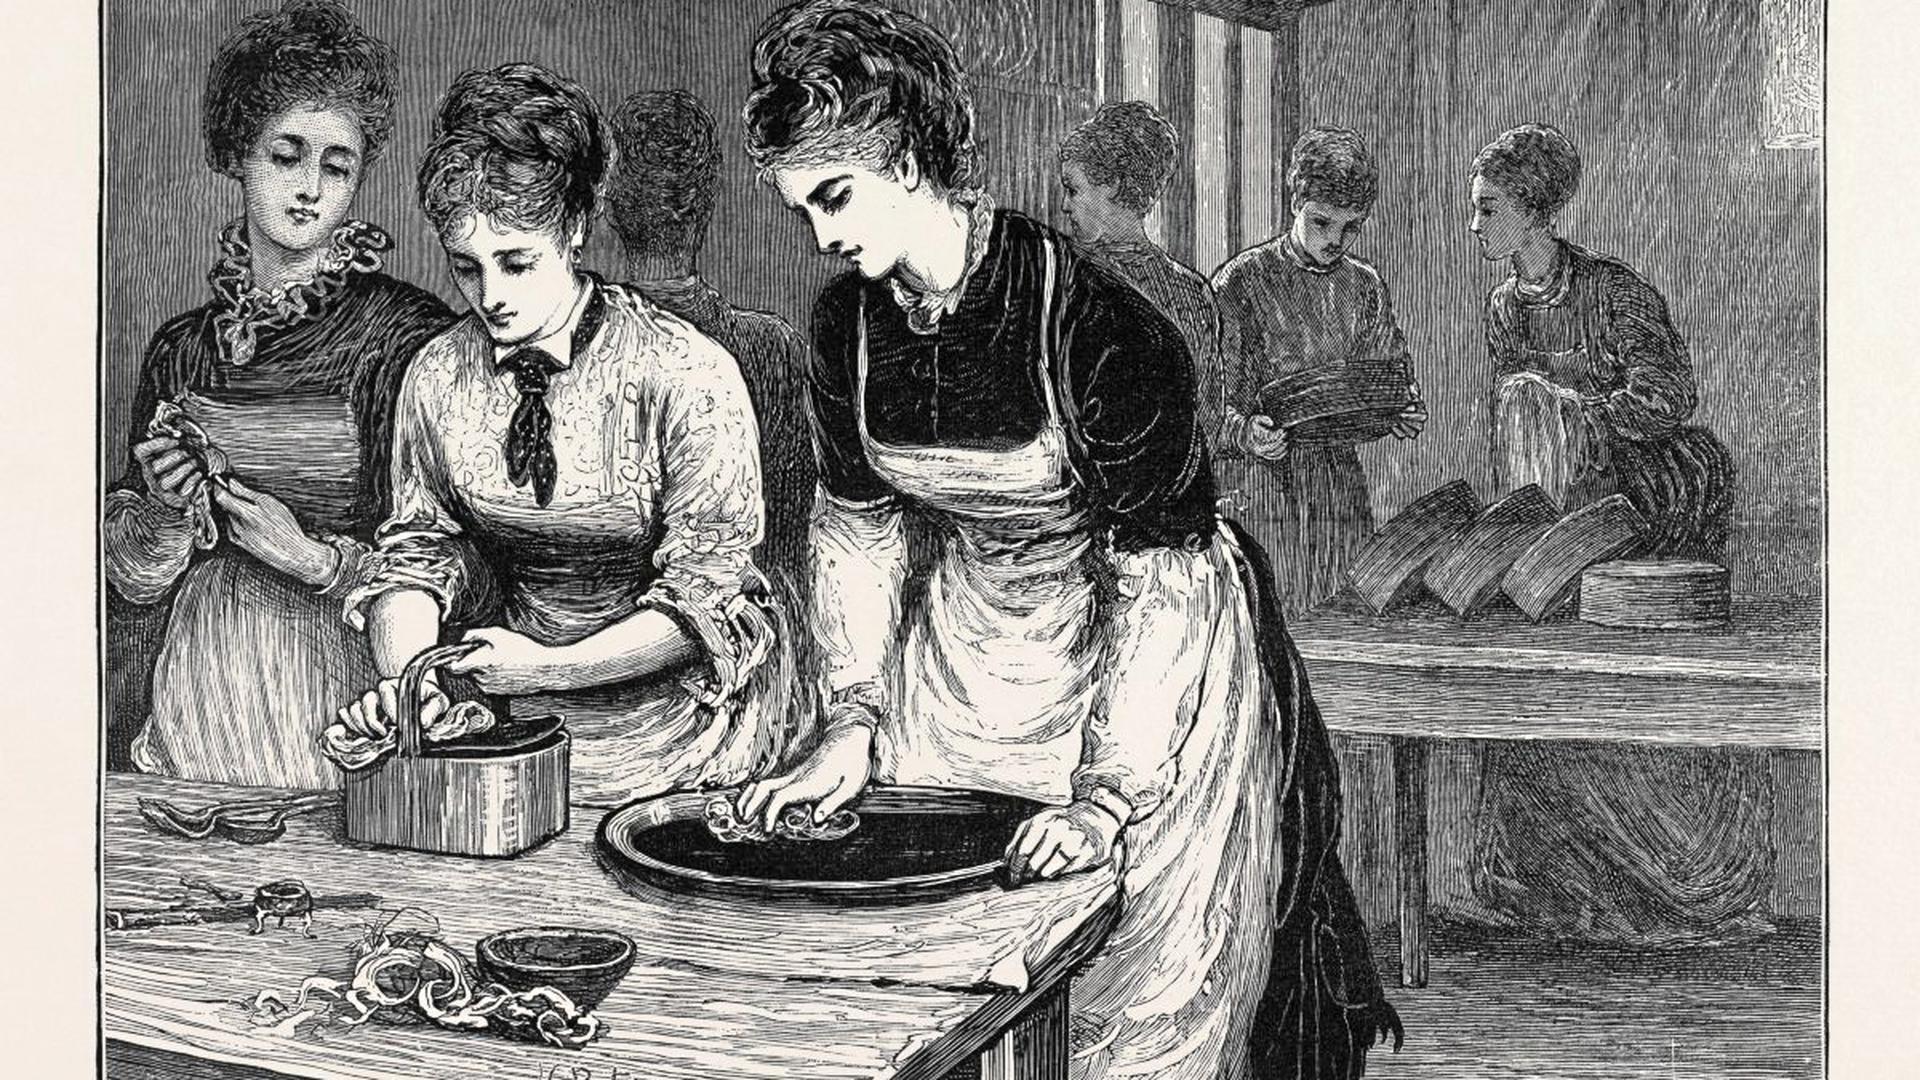 Haushaltsschulen boten Frauen die Möglichkeit, sich auf unverdächtige Weise beruflich zu qualifizieren.